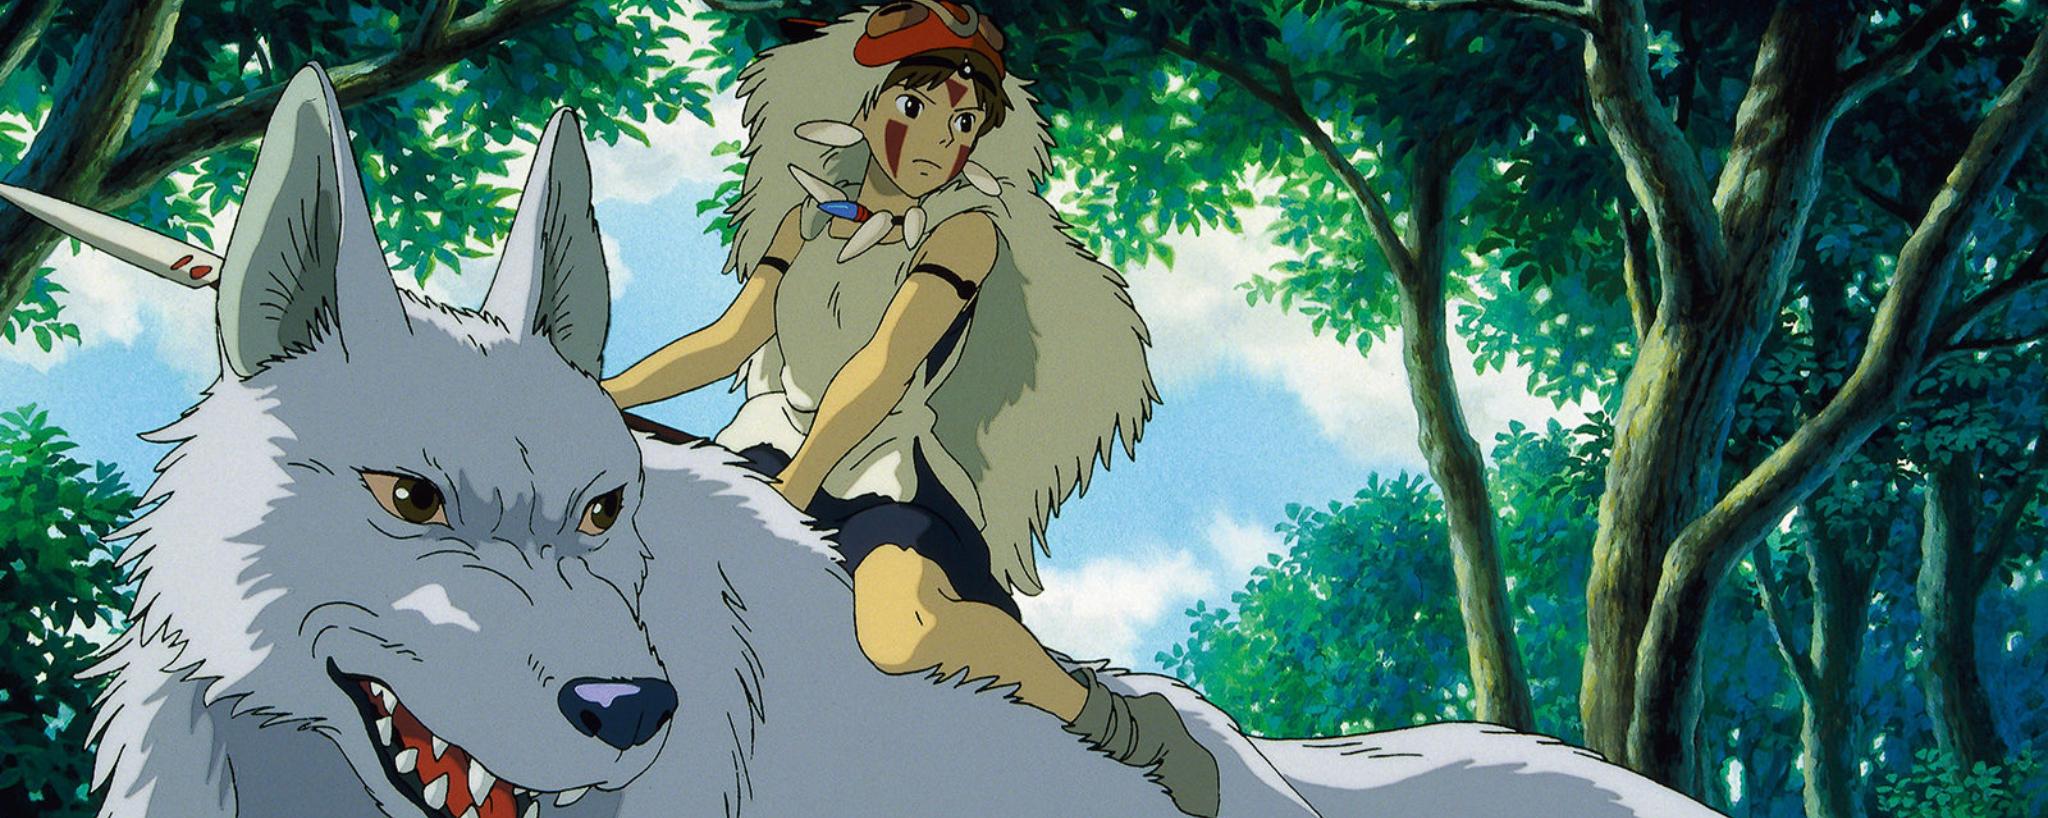 Princess Mononoke's San riding a wolf